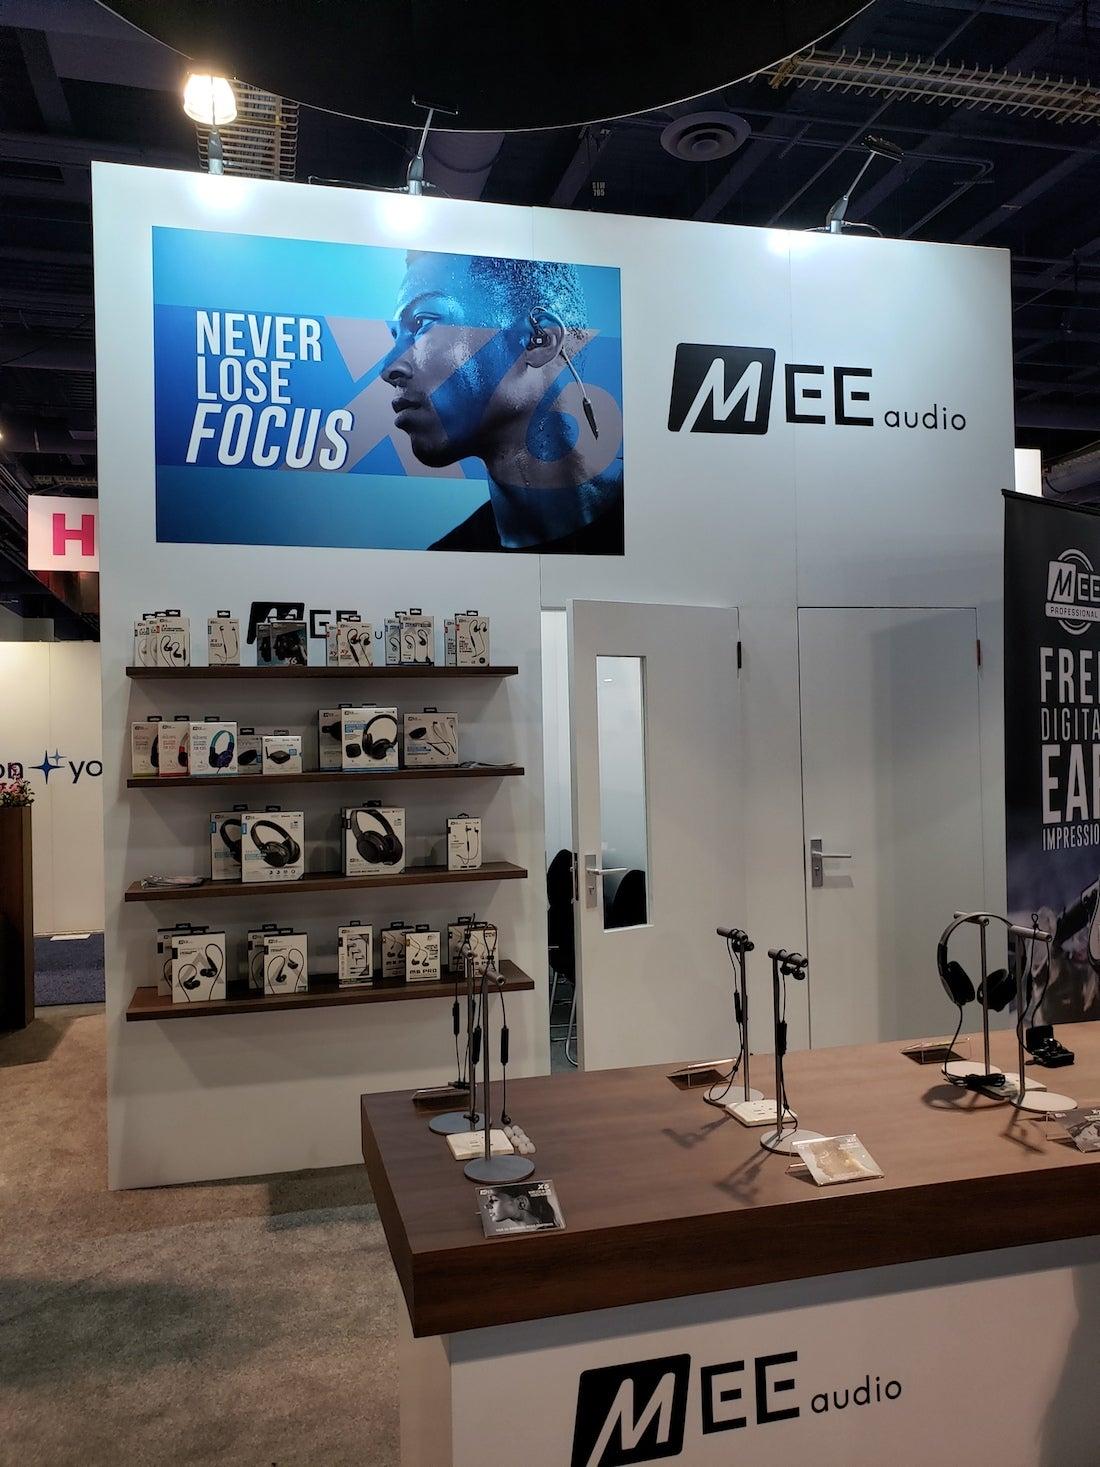 Mee Audio CES 2019